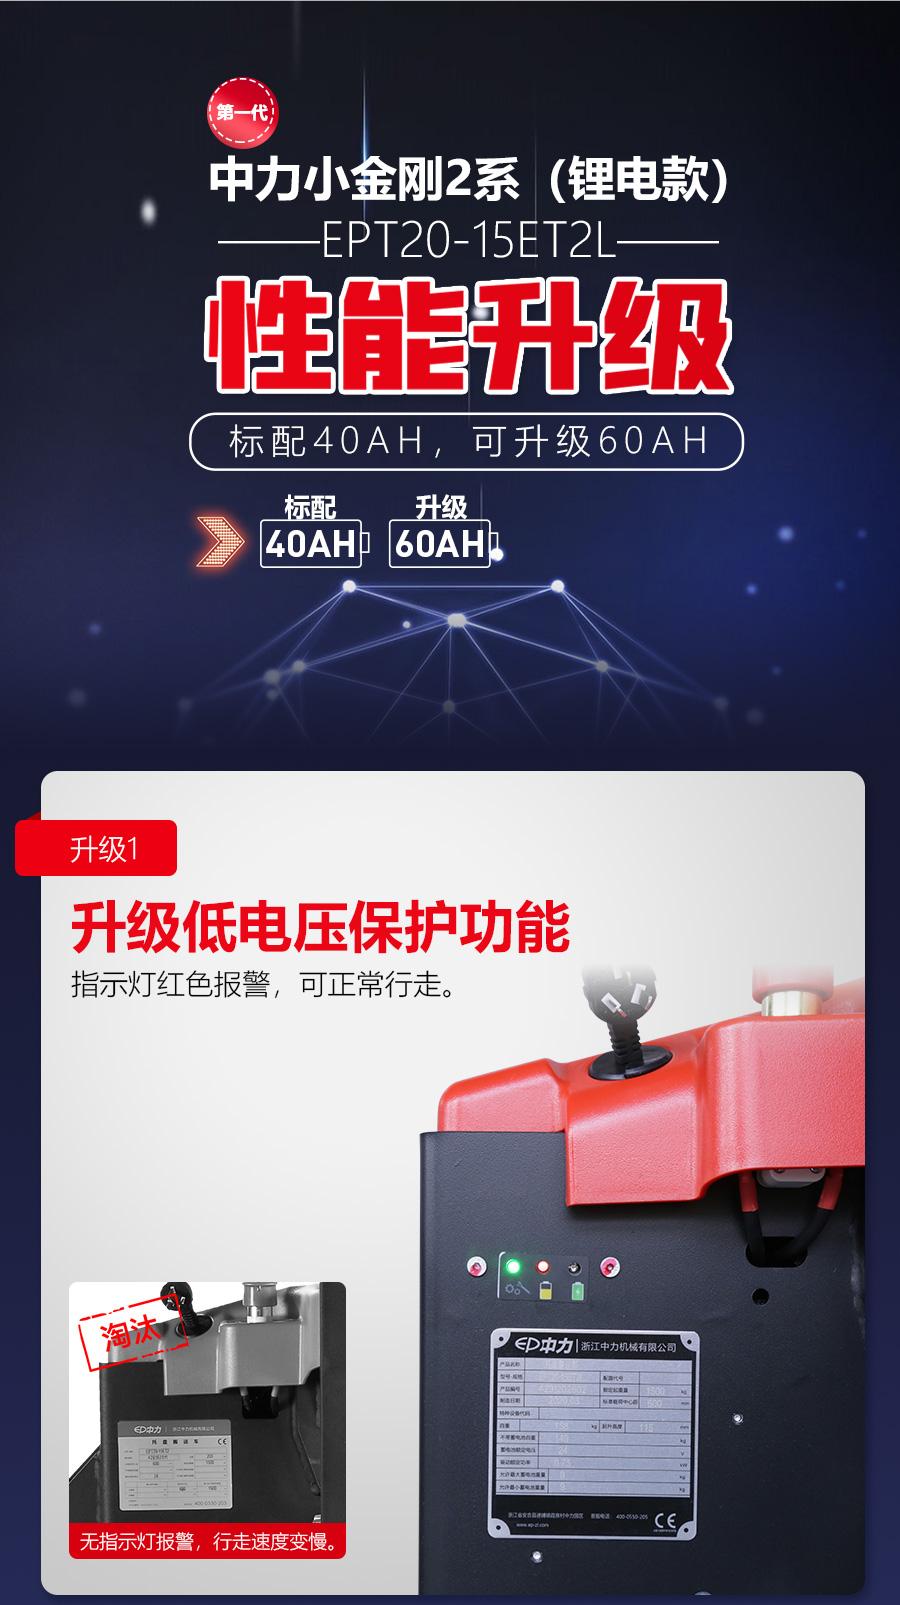 中力 1.5吨锂电池搬运车/第一代小金刚2系EPT20-15ET2L(锂电款)